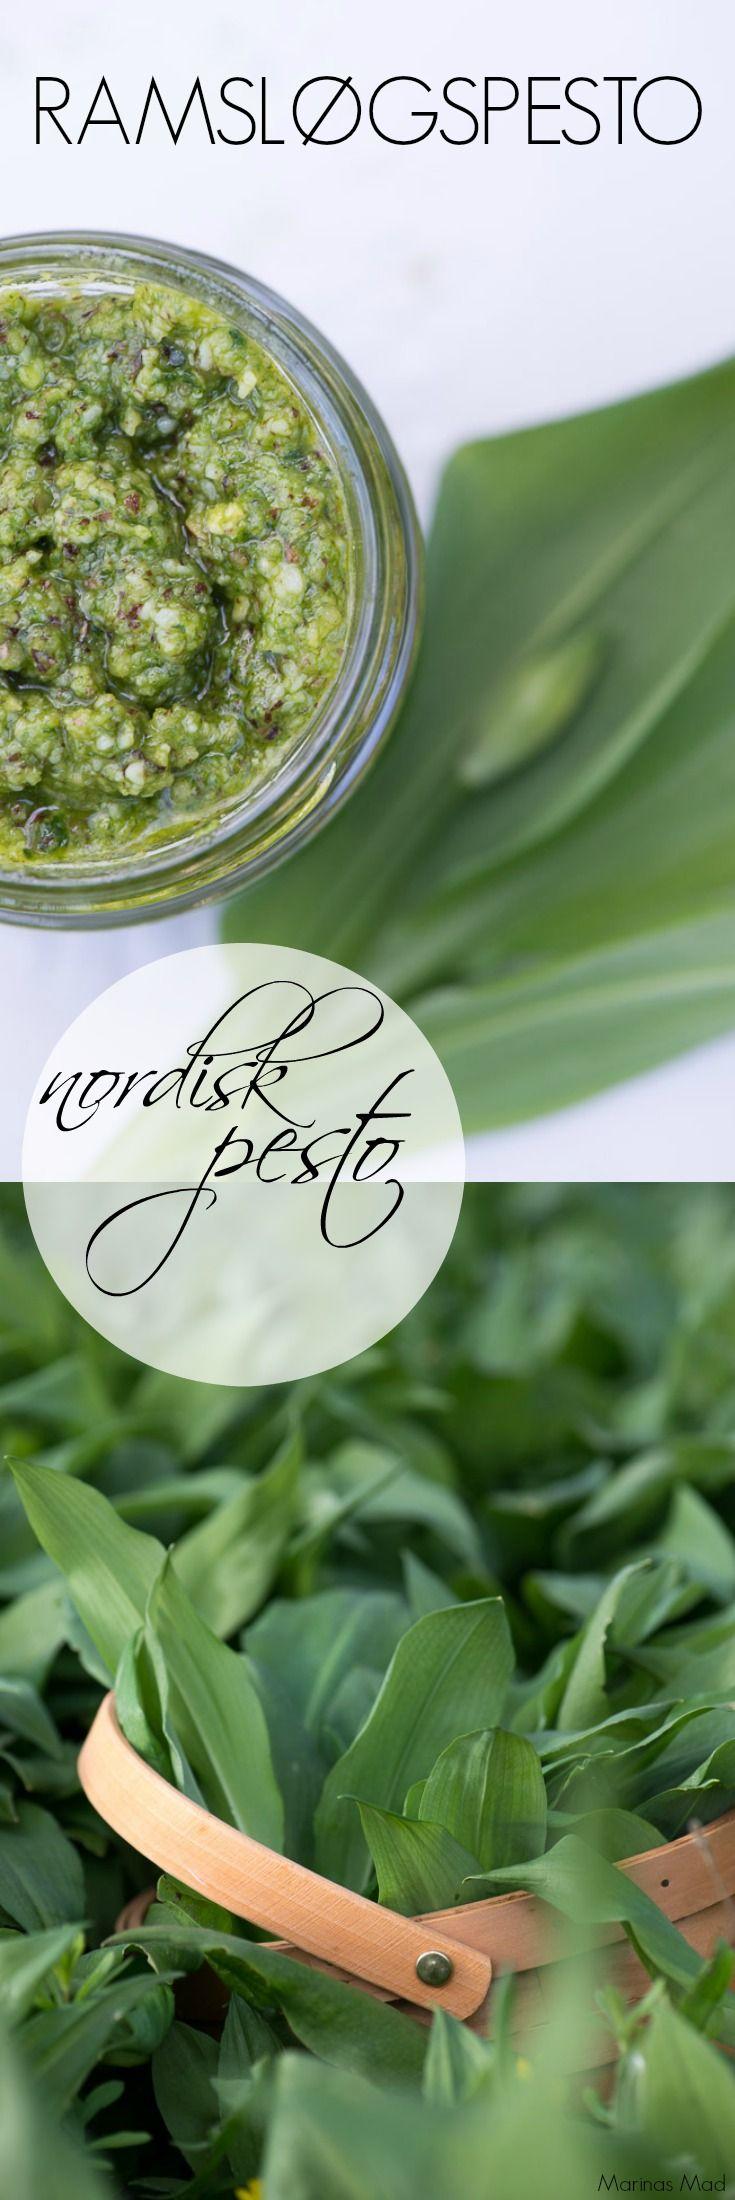 Ramsløgspesto er nemt at lave og smager fantastisk af dansk forår. I indlægget er der også gode råd til hvor og hvordan man kan samle sine egne ramsløg. Opskrift fra Marinas Mad.